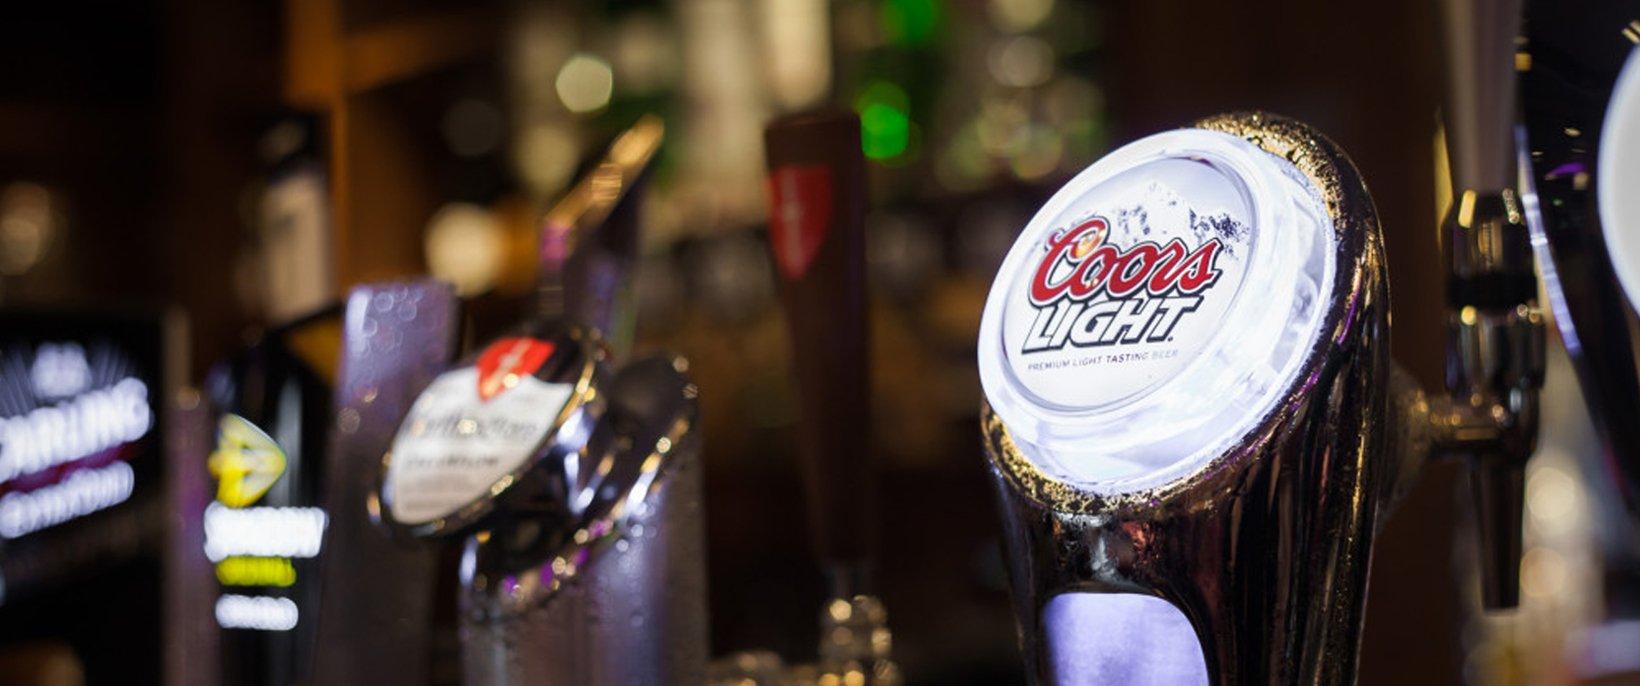 A Coors Light beer pump